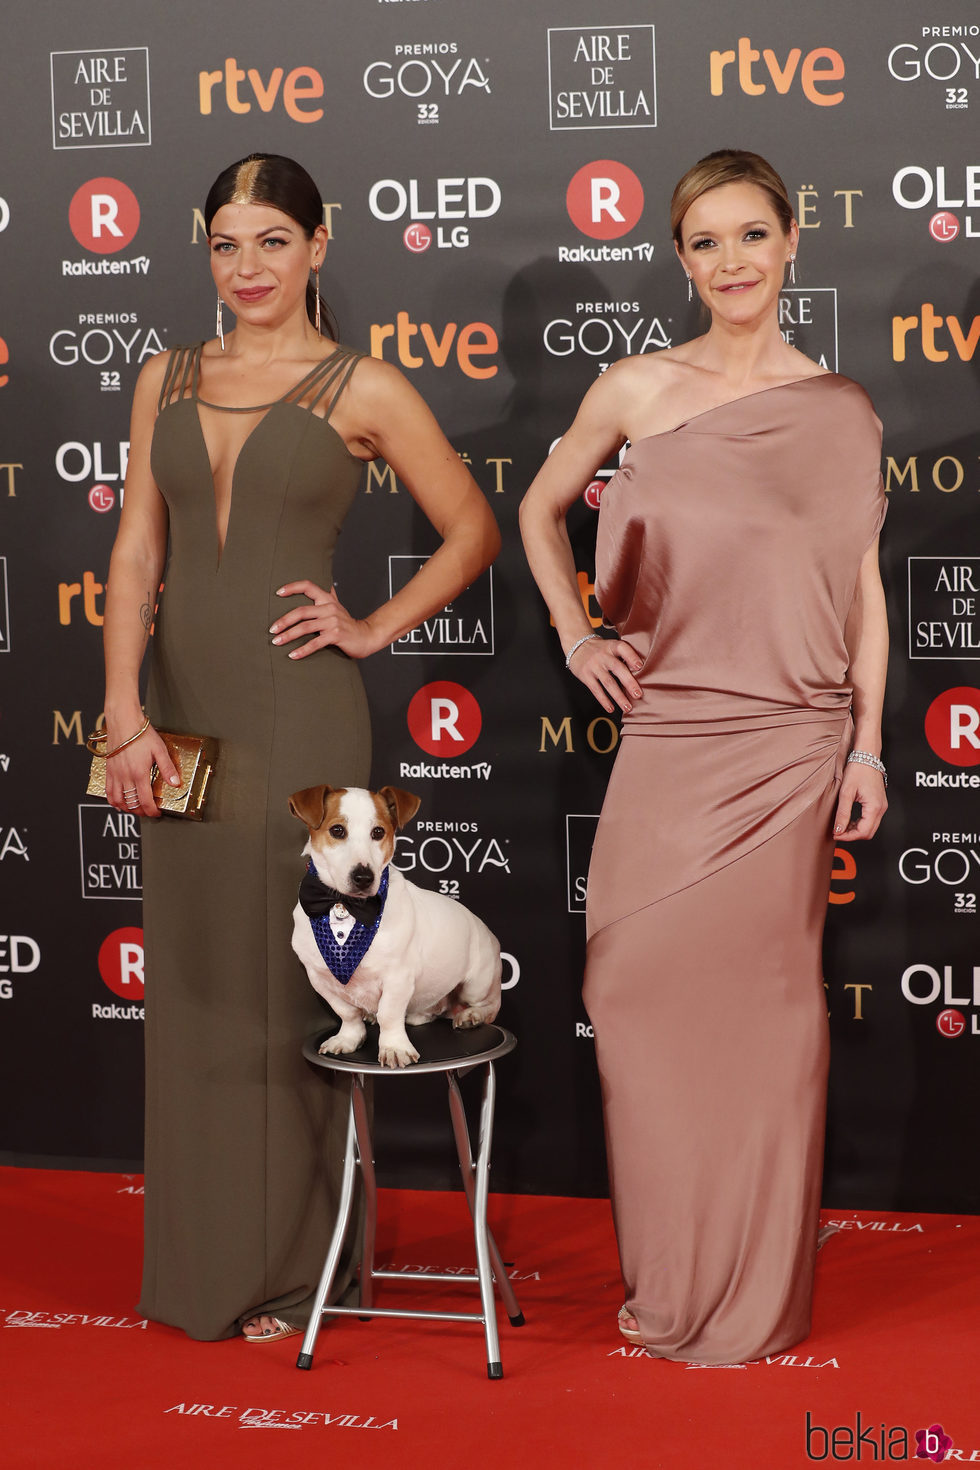 Thais Blume, María Esteve y Pancho en la alfombra roja de los Premios Goya 2018